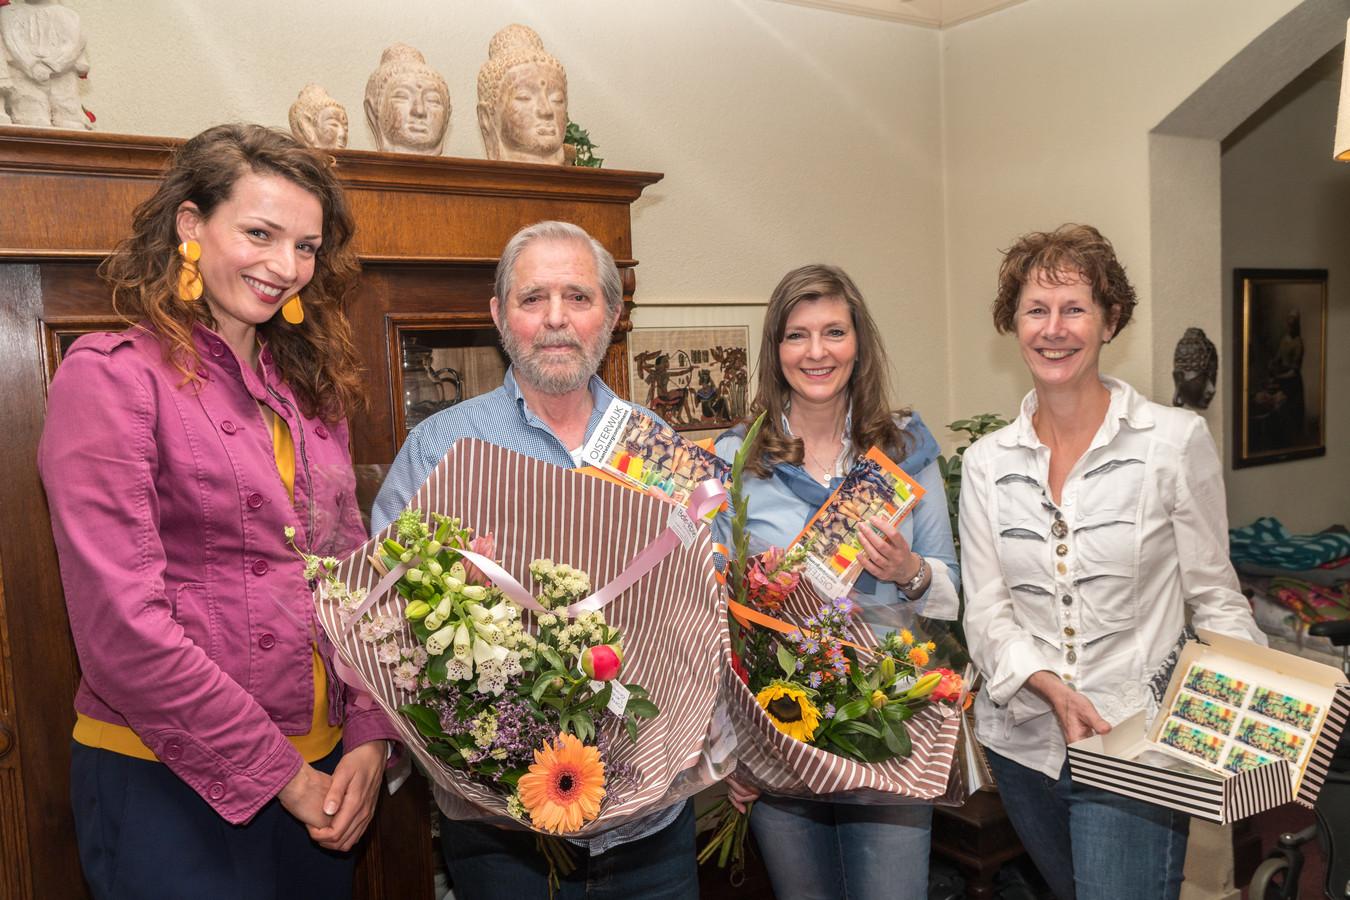 Wethouder Stefanie Vatta reikten in 2019 het Oisterwijkse mantelzorgcompliment uit aan de familie Solomos.